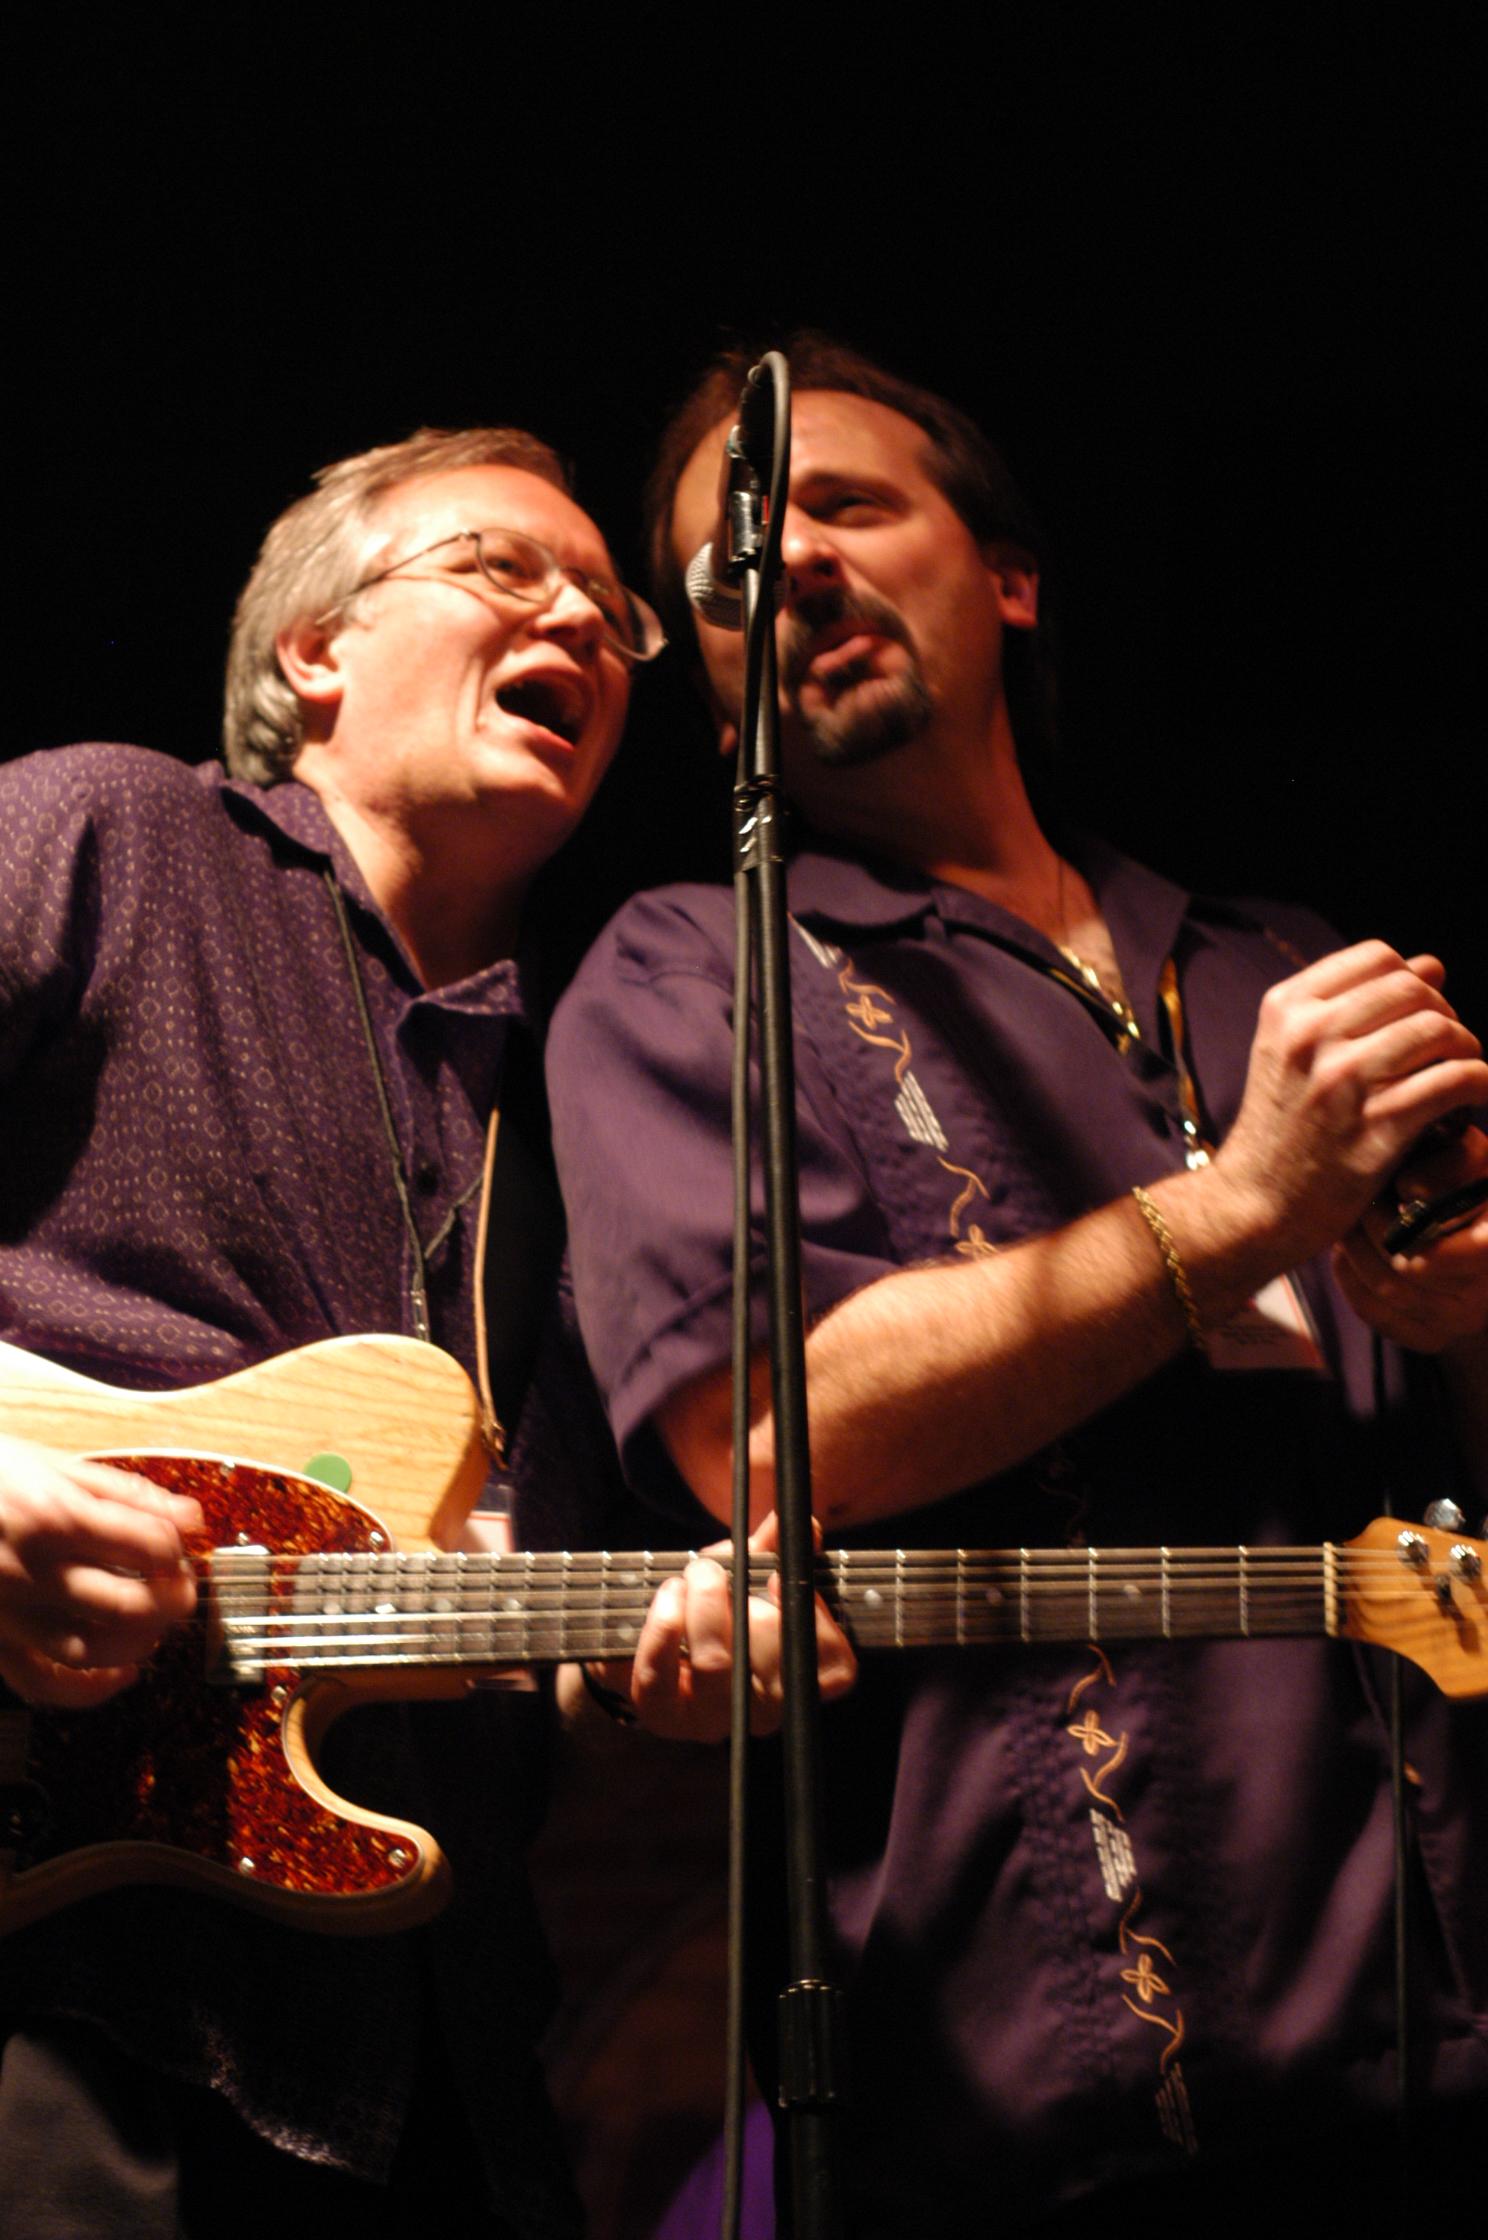 Paul and Jack at Hard Rock.jpg